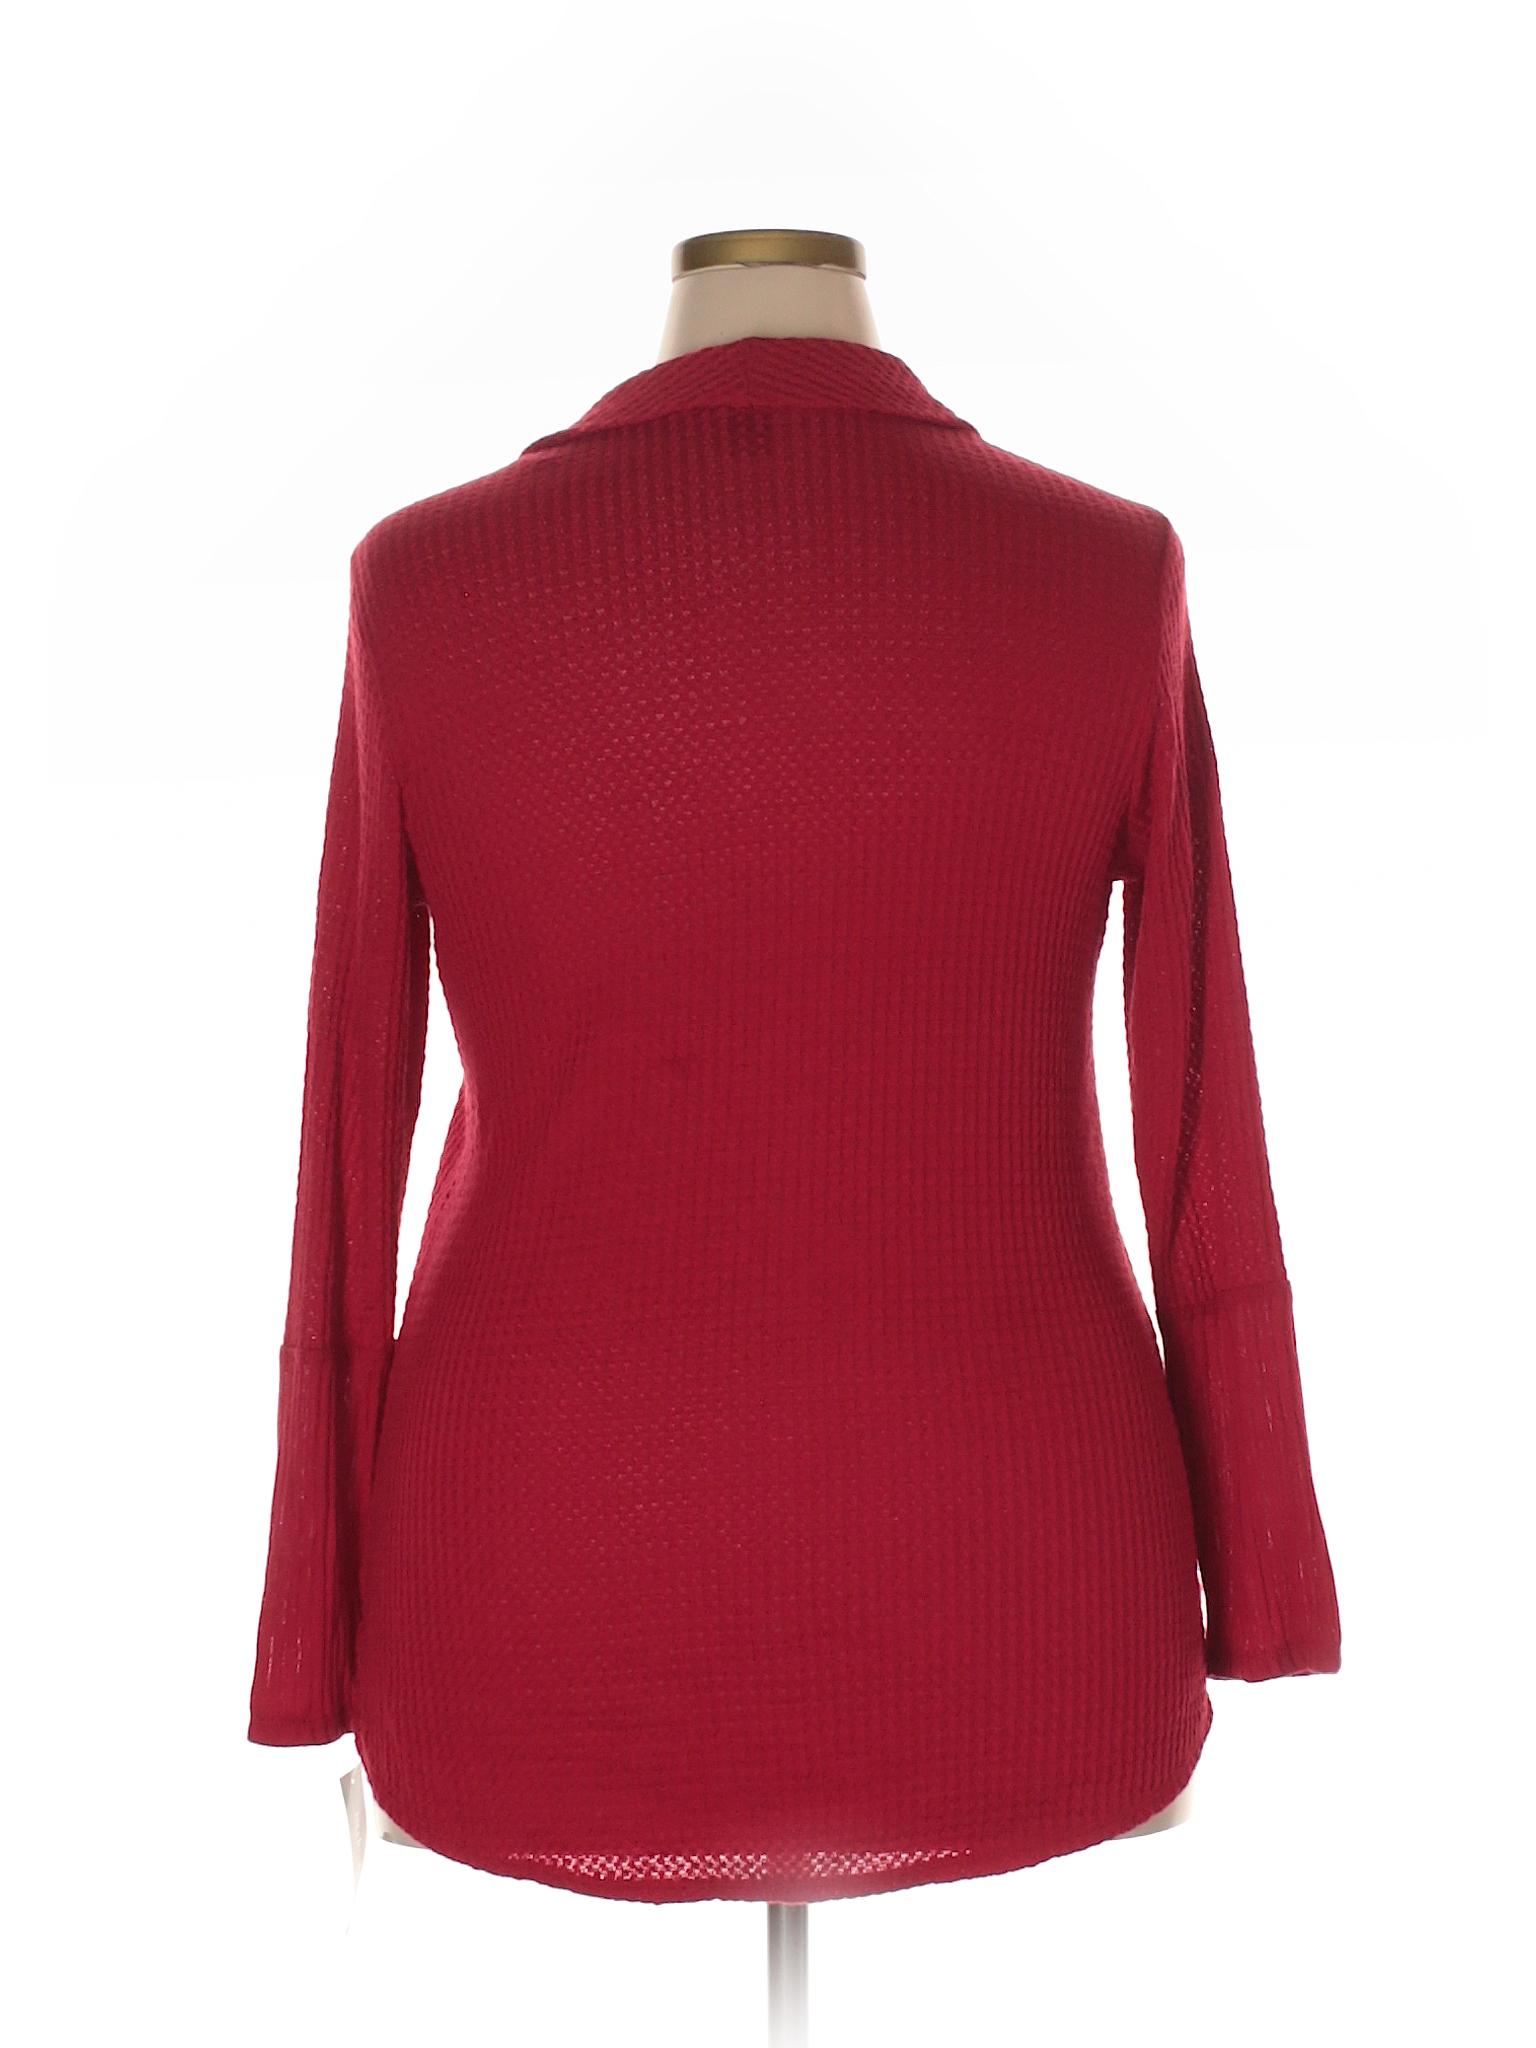 Sweater Pullover amp;Co Style winter Boutique wqtA7xIA